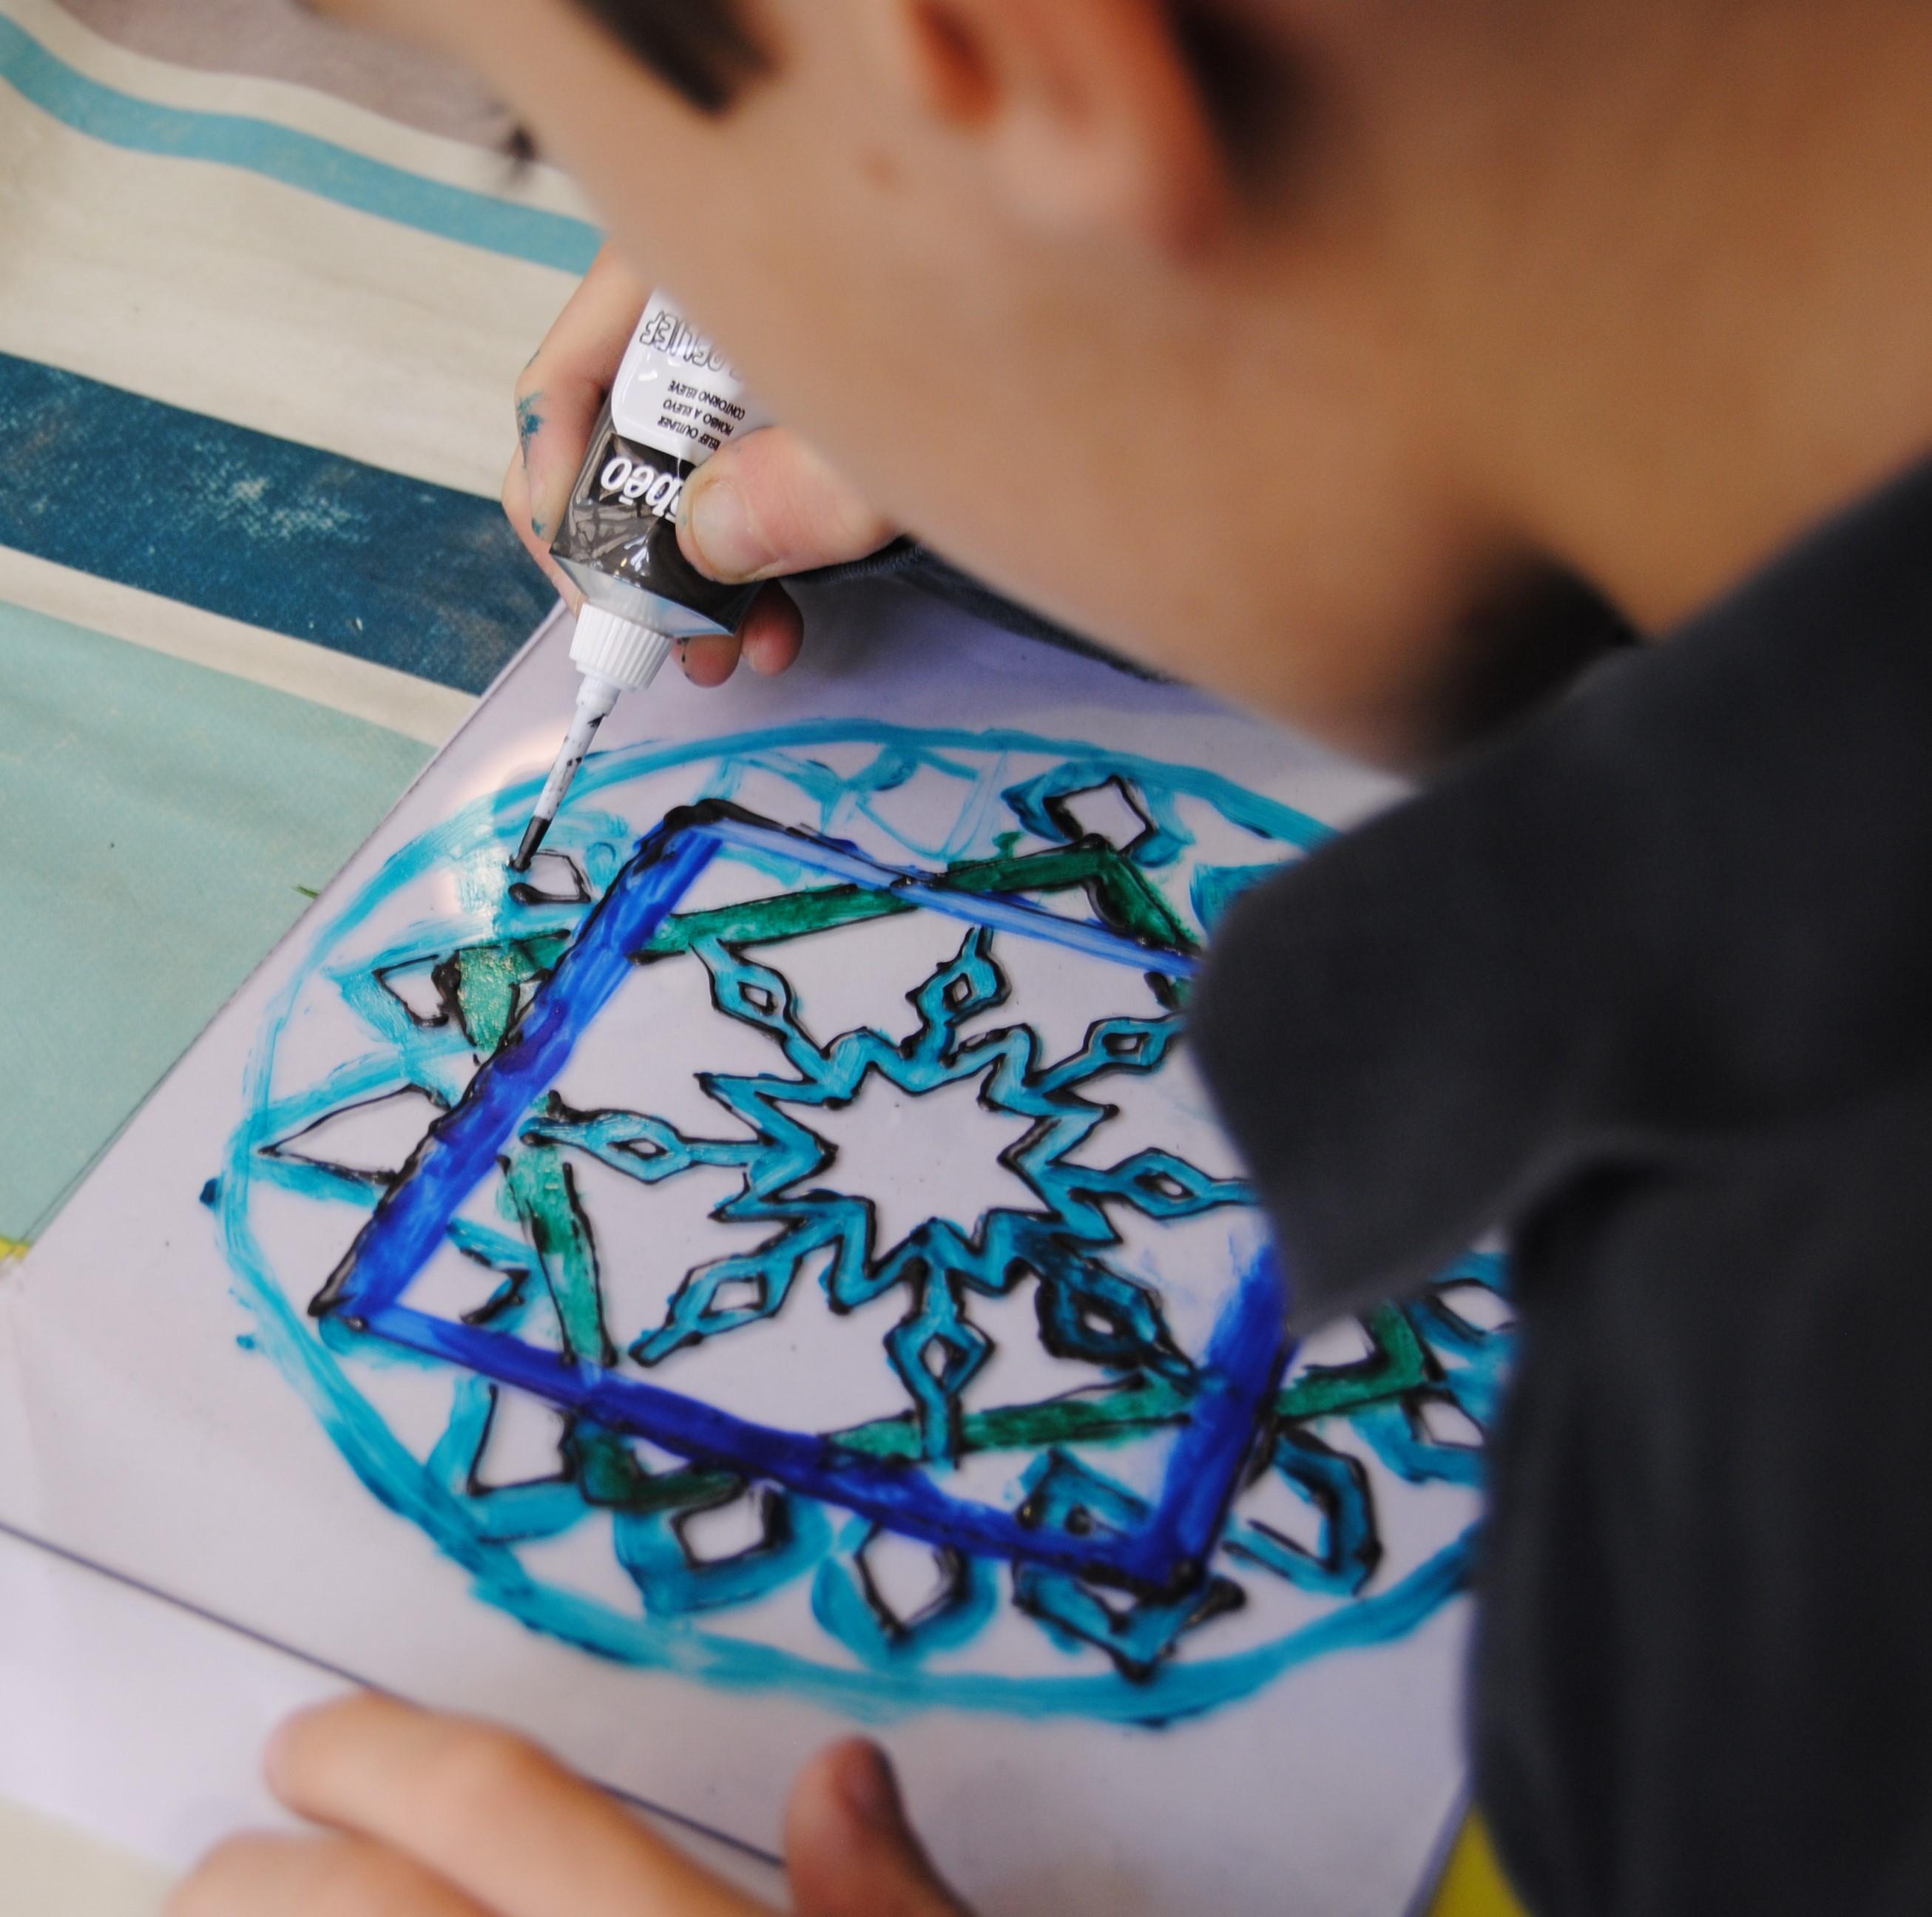 Atelier vitrail pour les enfants le 16 novembre 2019 à Lyon (69)